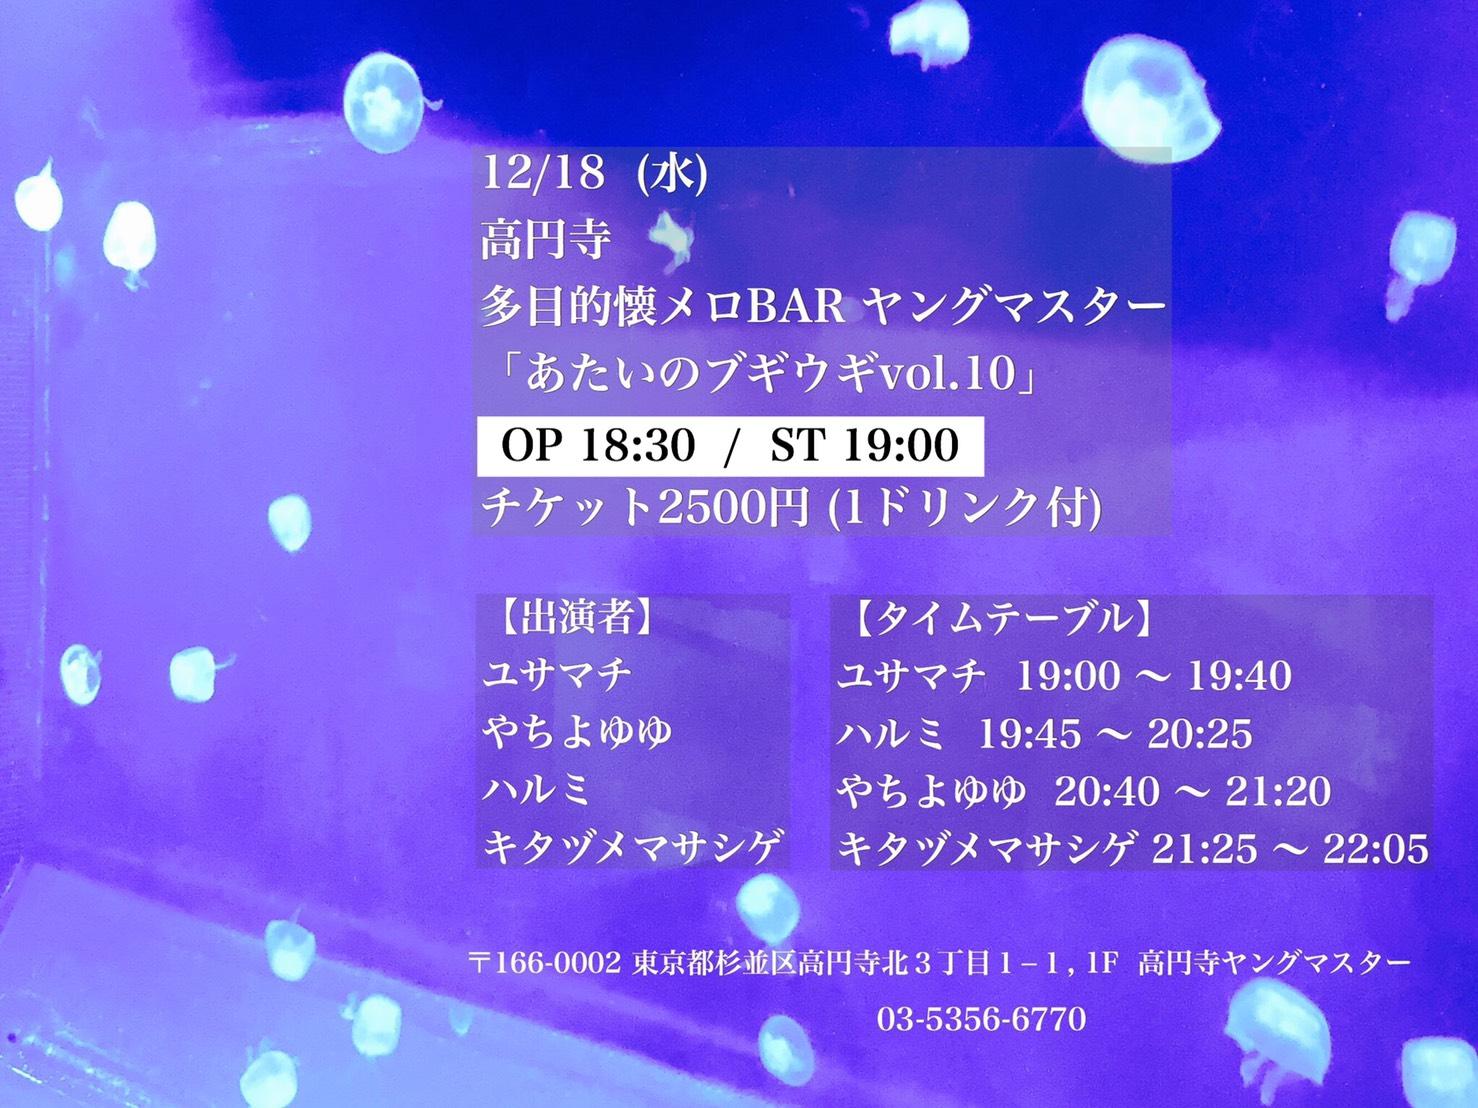 12/18  (水) ライブイベント「あたいのブギウギvol.10」 OP 18:00  /  ST 18:30  チケット2000円 (1ドリンク付)